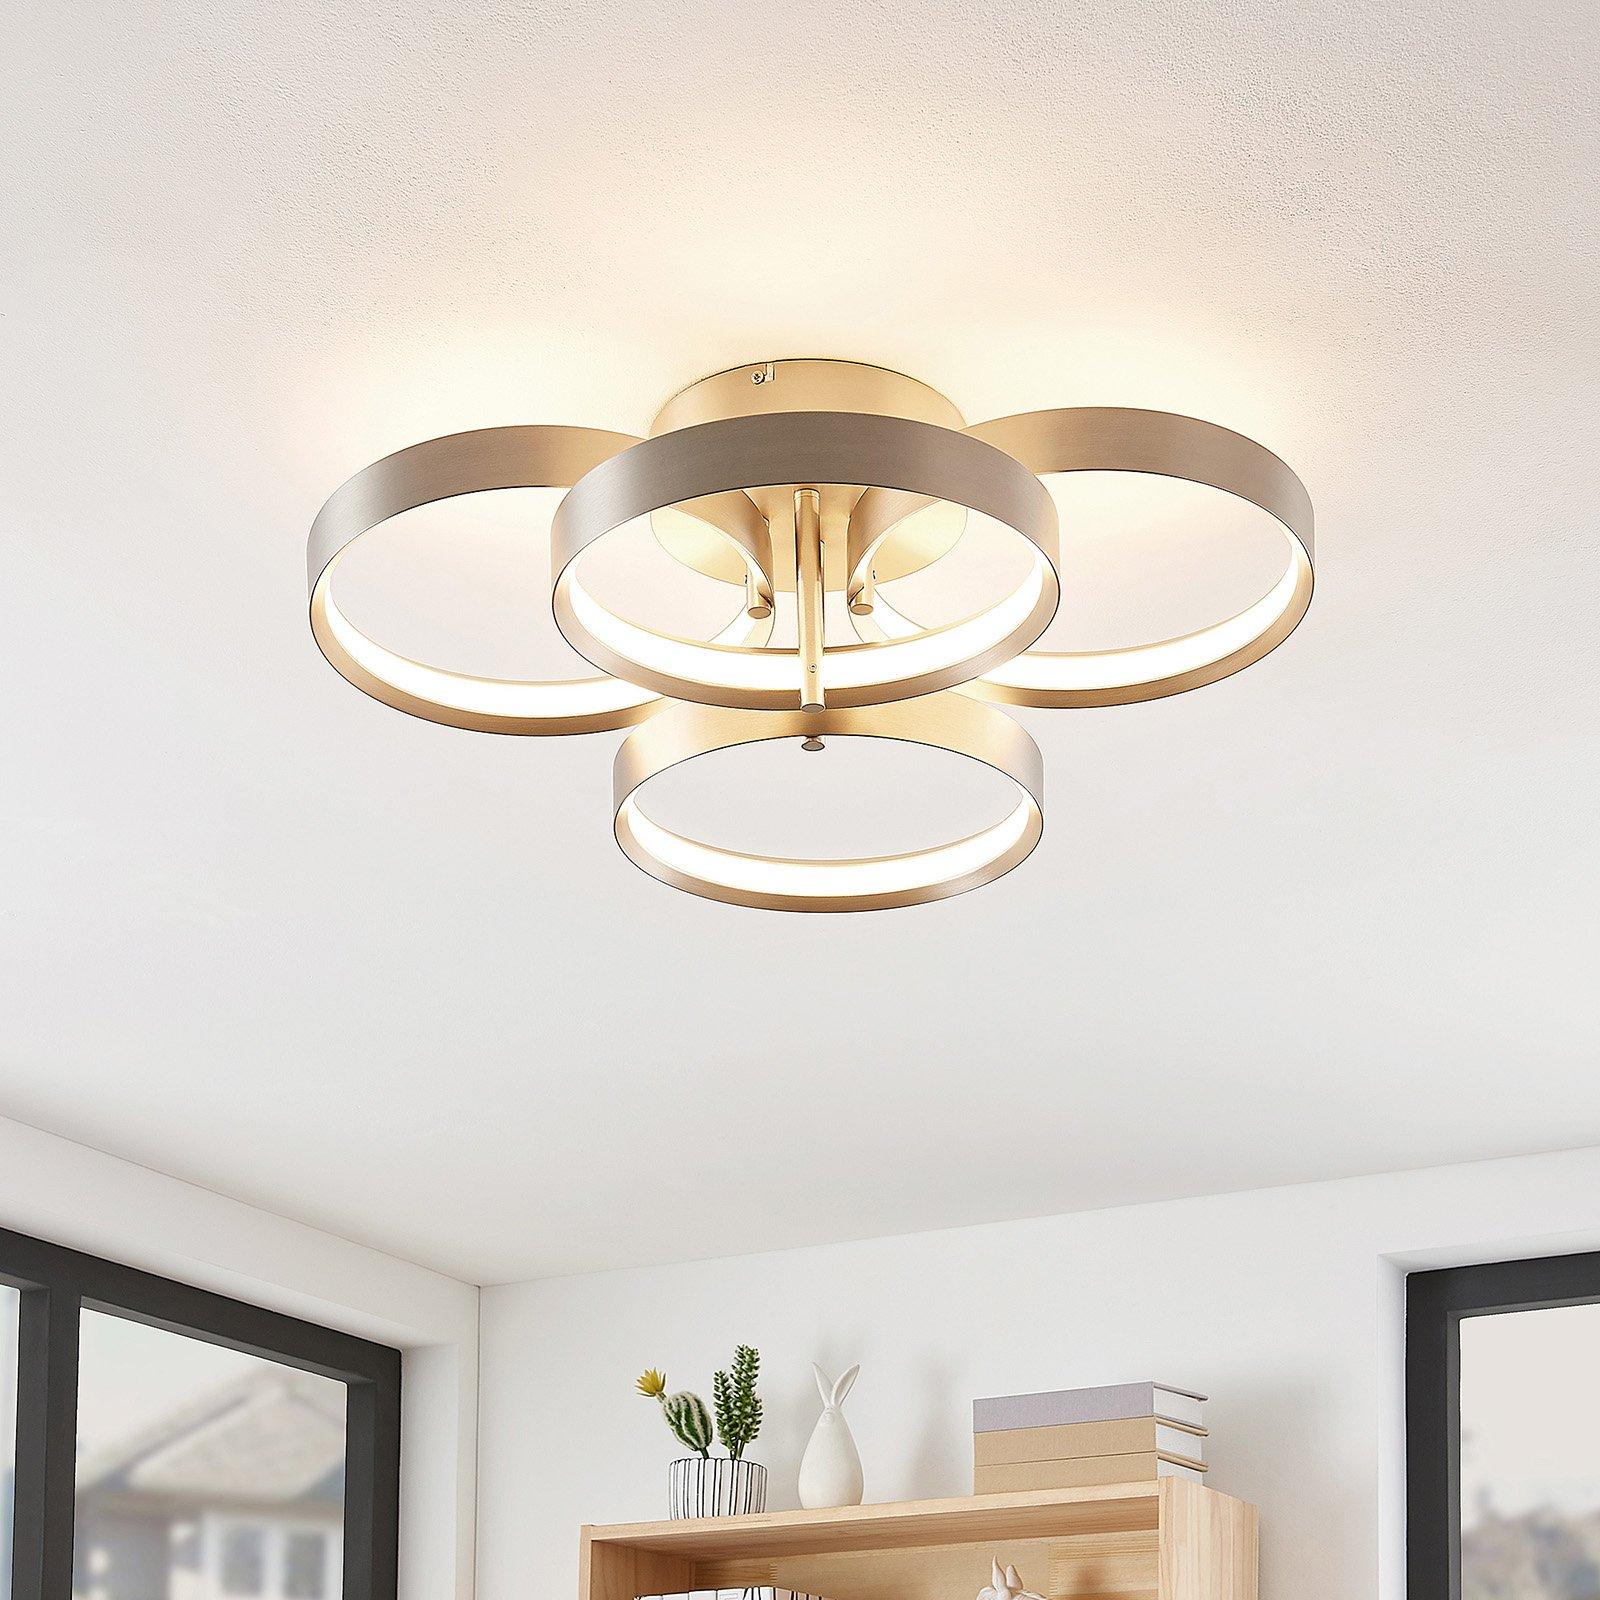 Lucande Naylia LED-taklampe, nikkel, dimbar